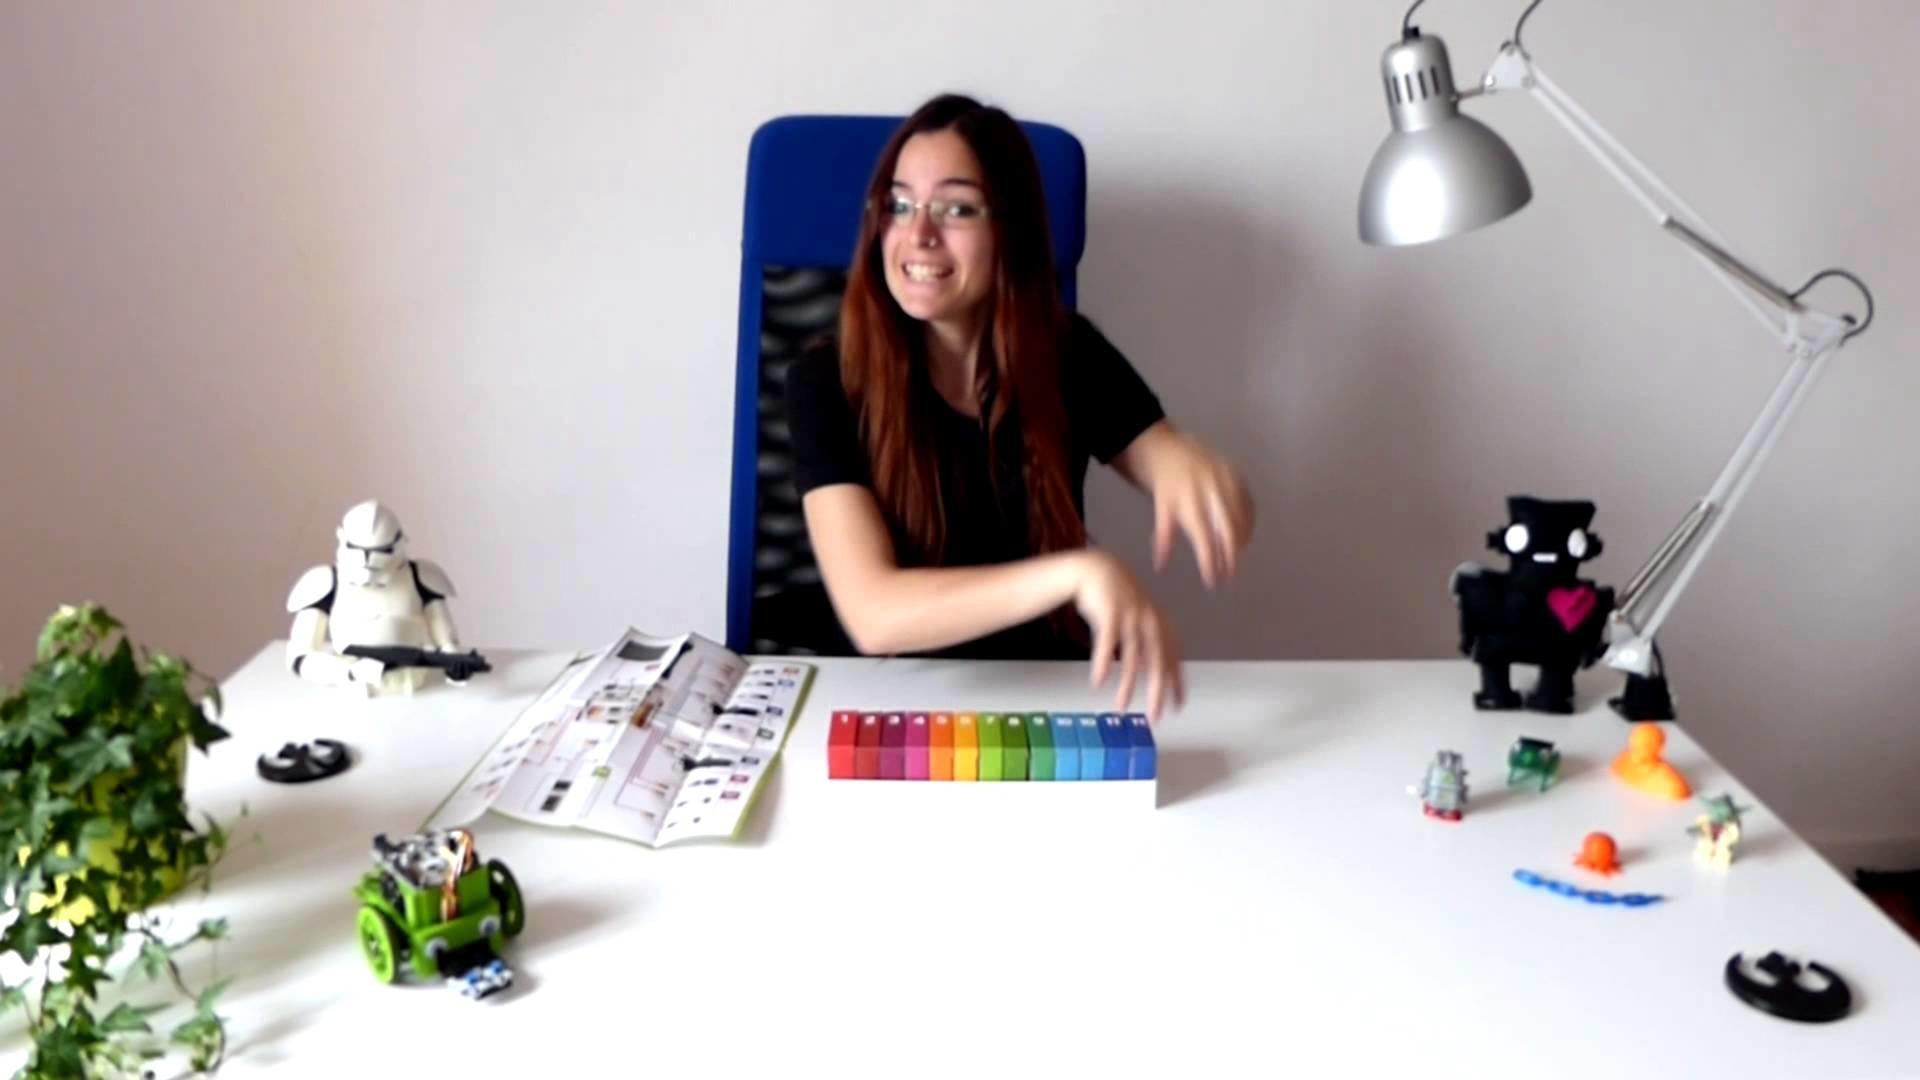 Bq Tutoriales DIY - Presentación de